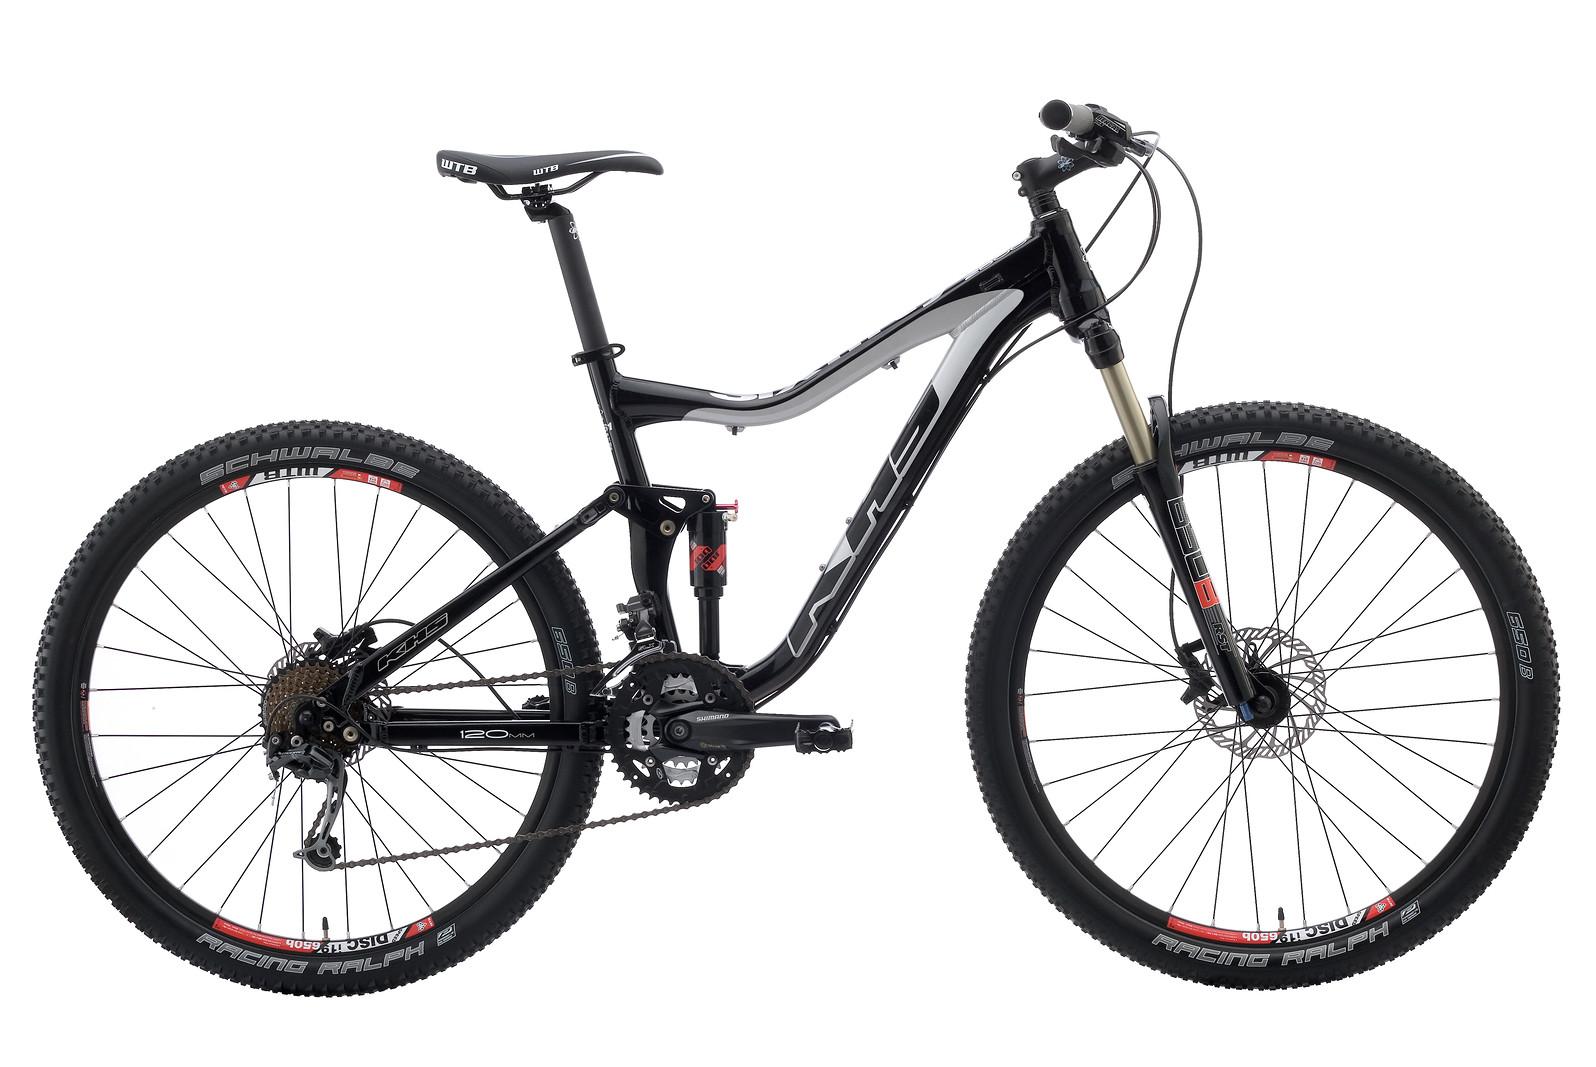 2013 SixFifty 2500